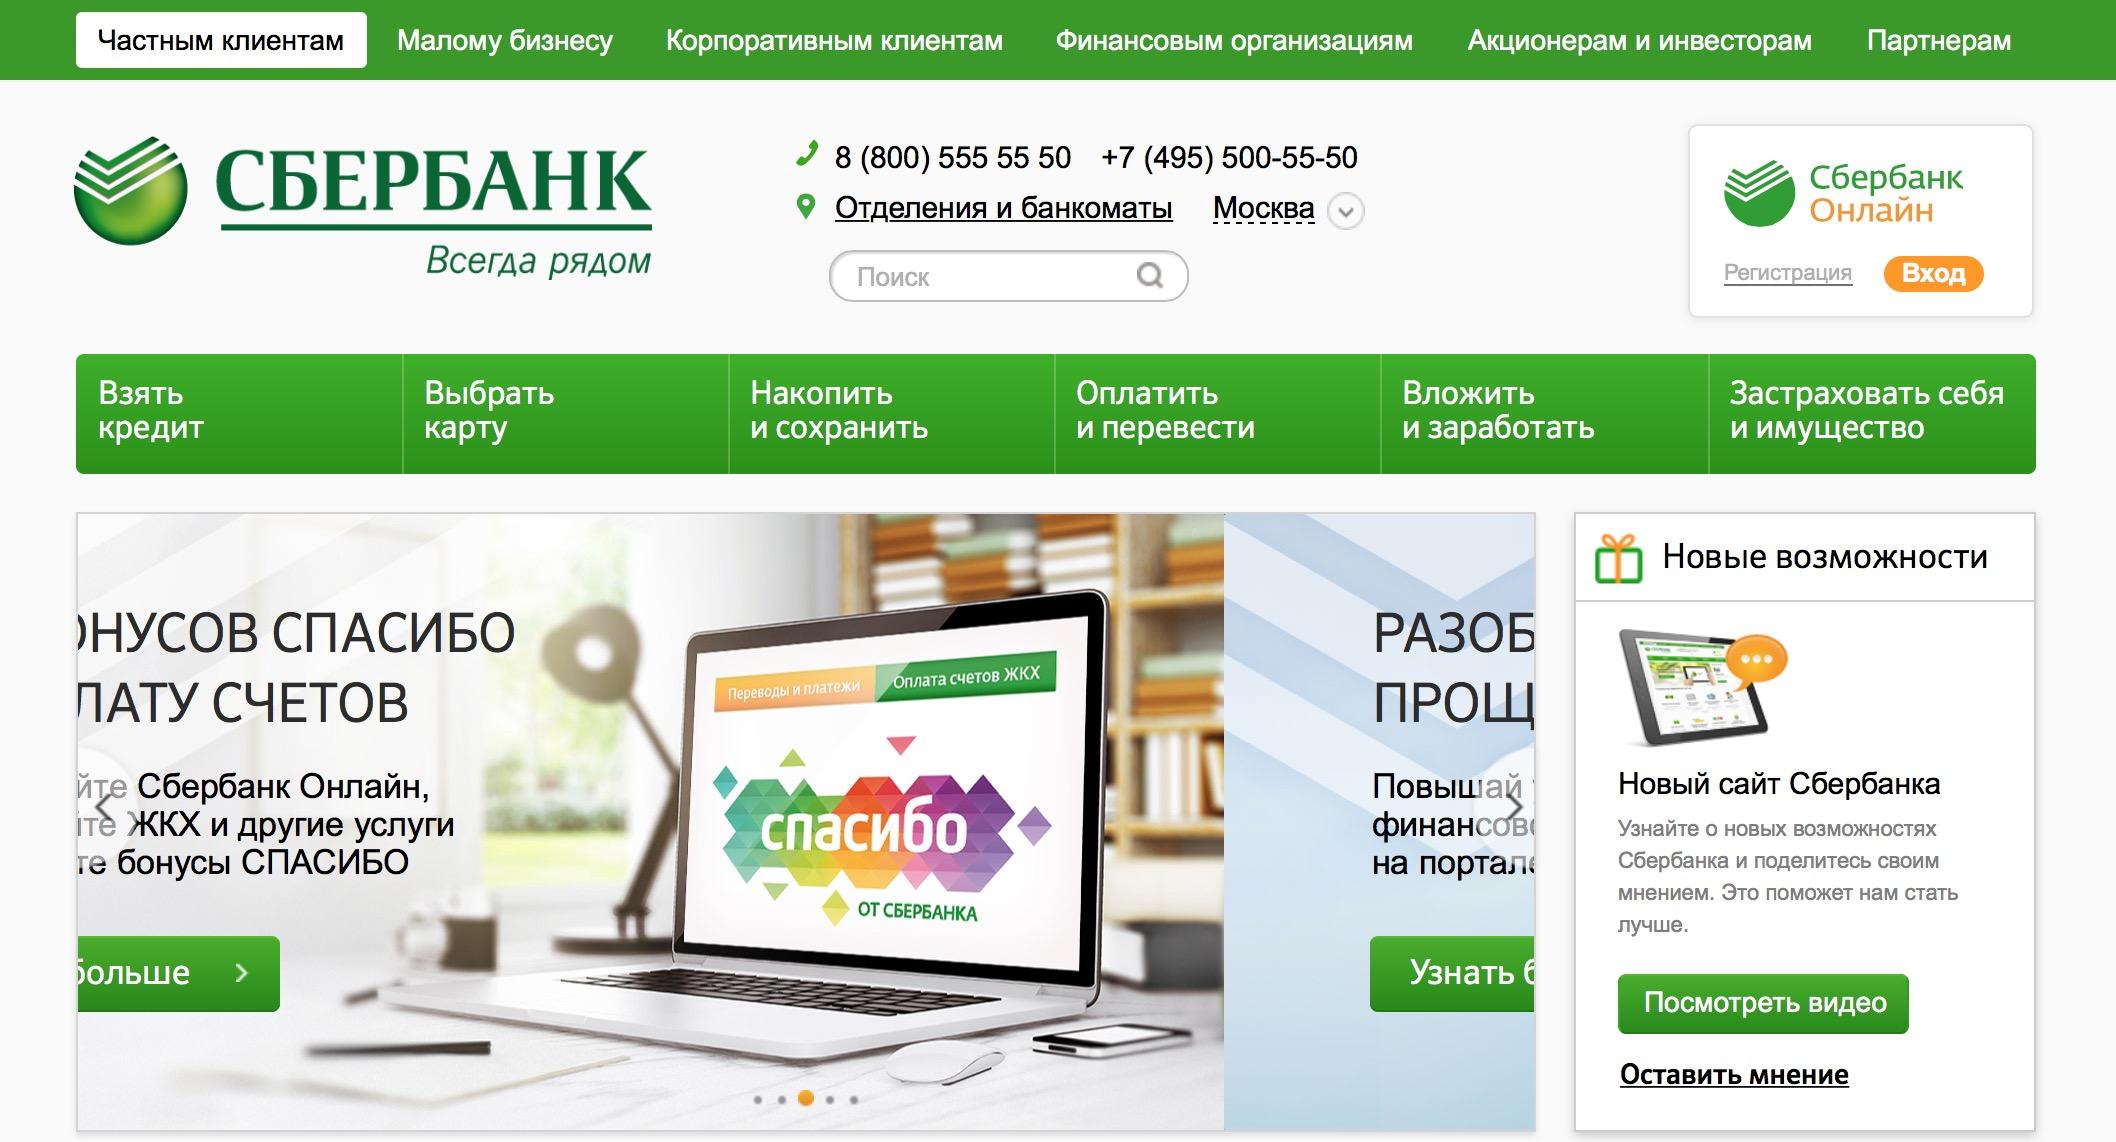 Дизайн сайта Сбербанка